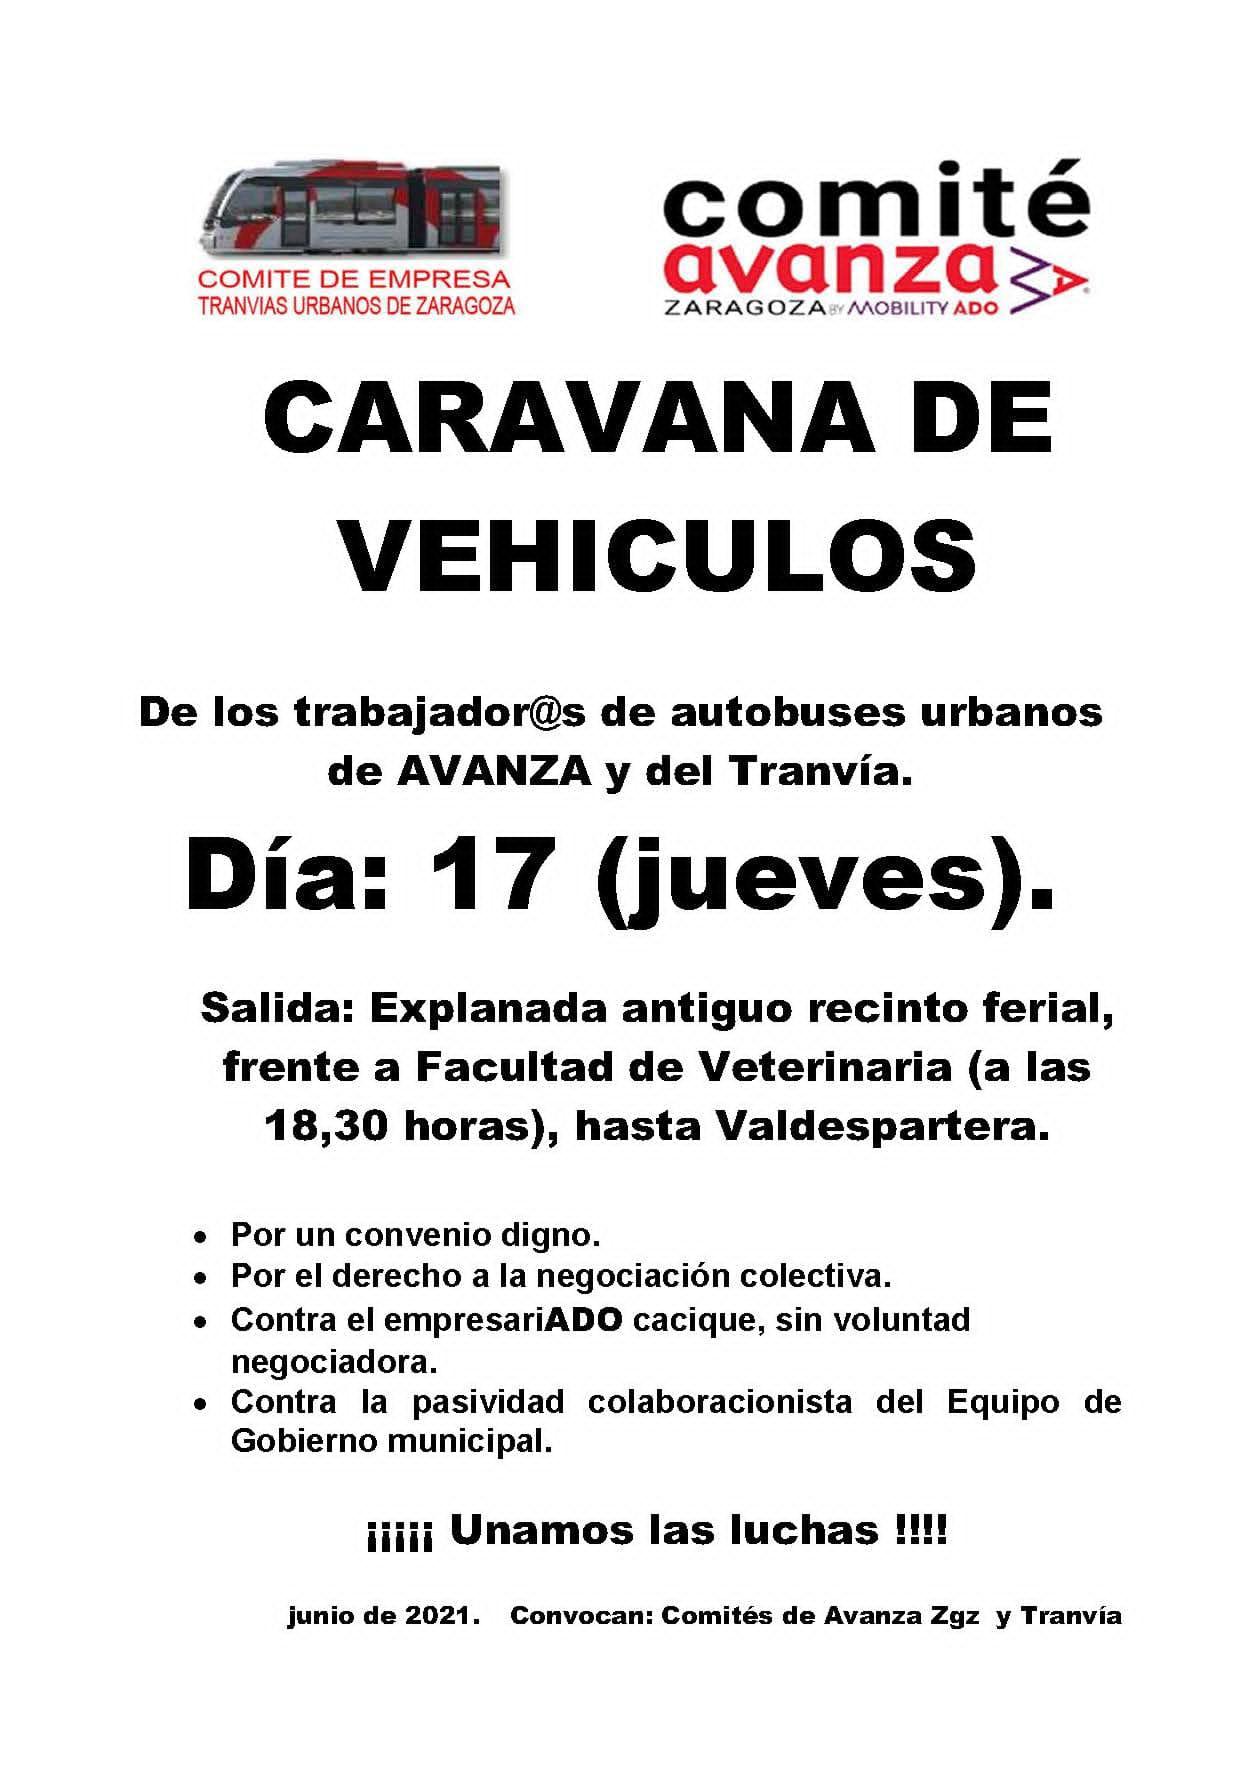 Zaragoza. Comité de Avanza, 17J, caravana de vehículos y paros parciales.